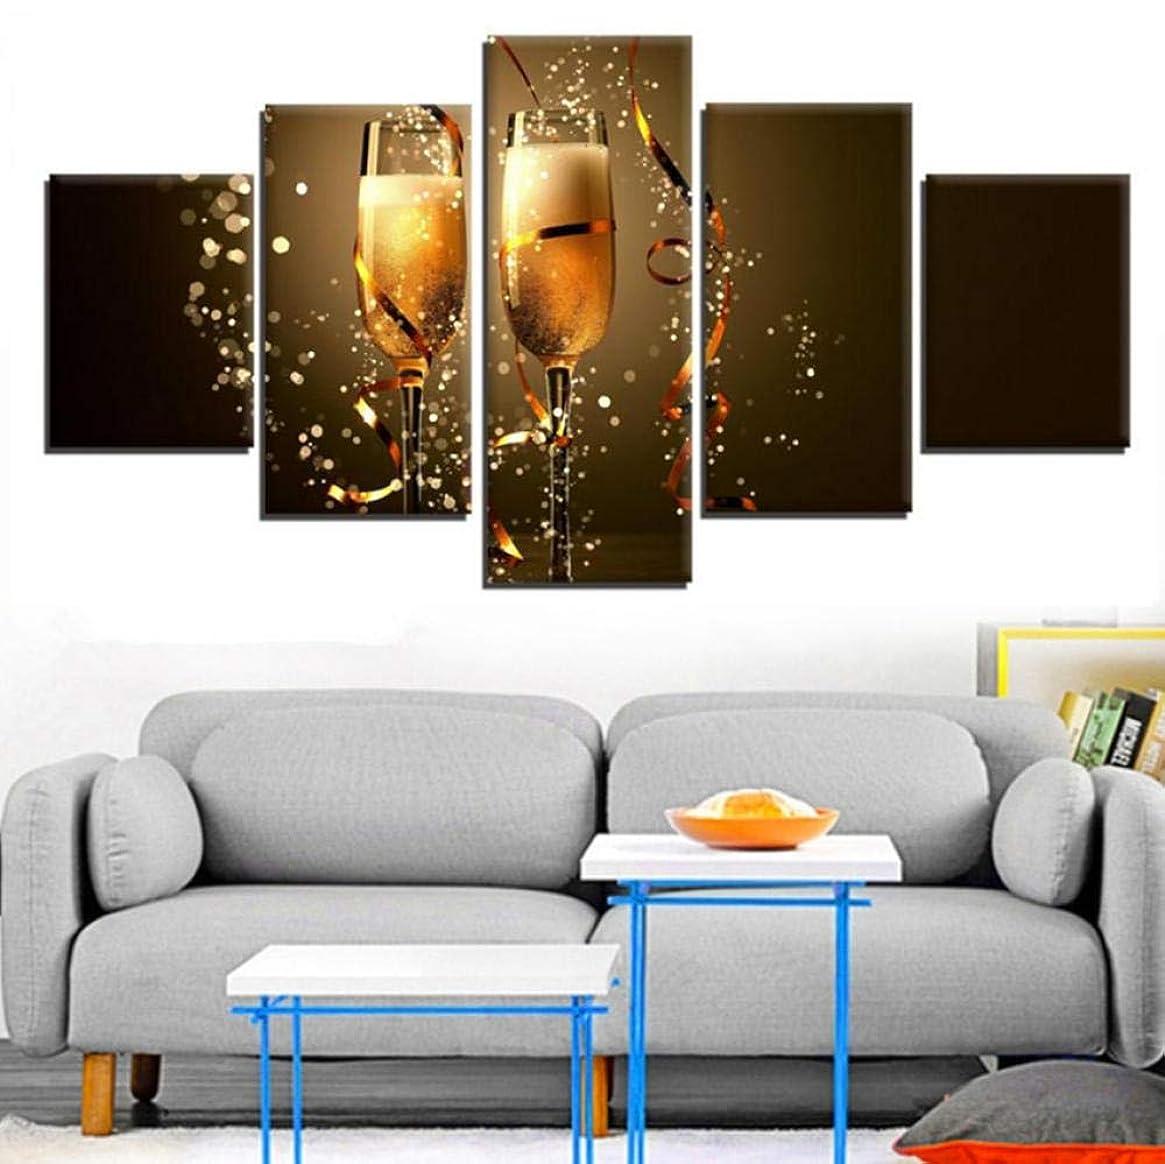 色合い偽善ギャングキャンバス壁アート写真家の装飾フレームワーク5ピース乾杯新年絵画HDプリントクリスマスシャンパンポスター